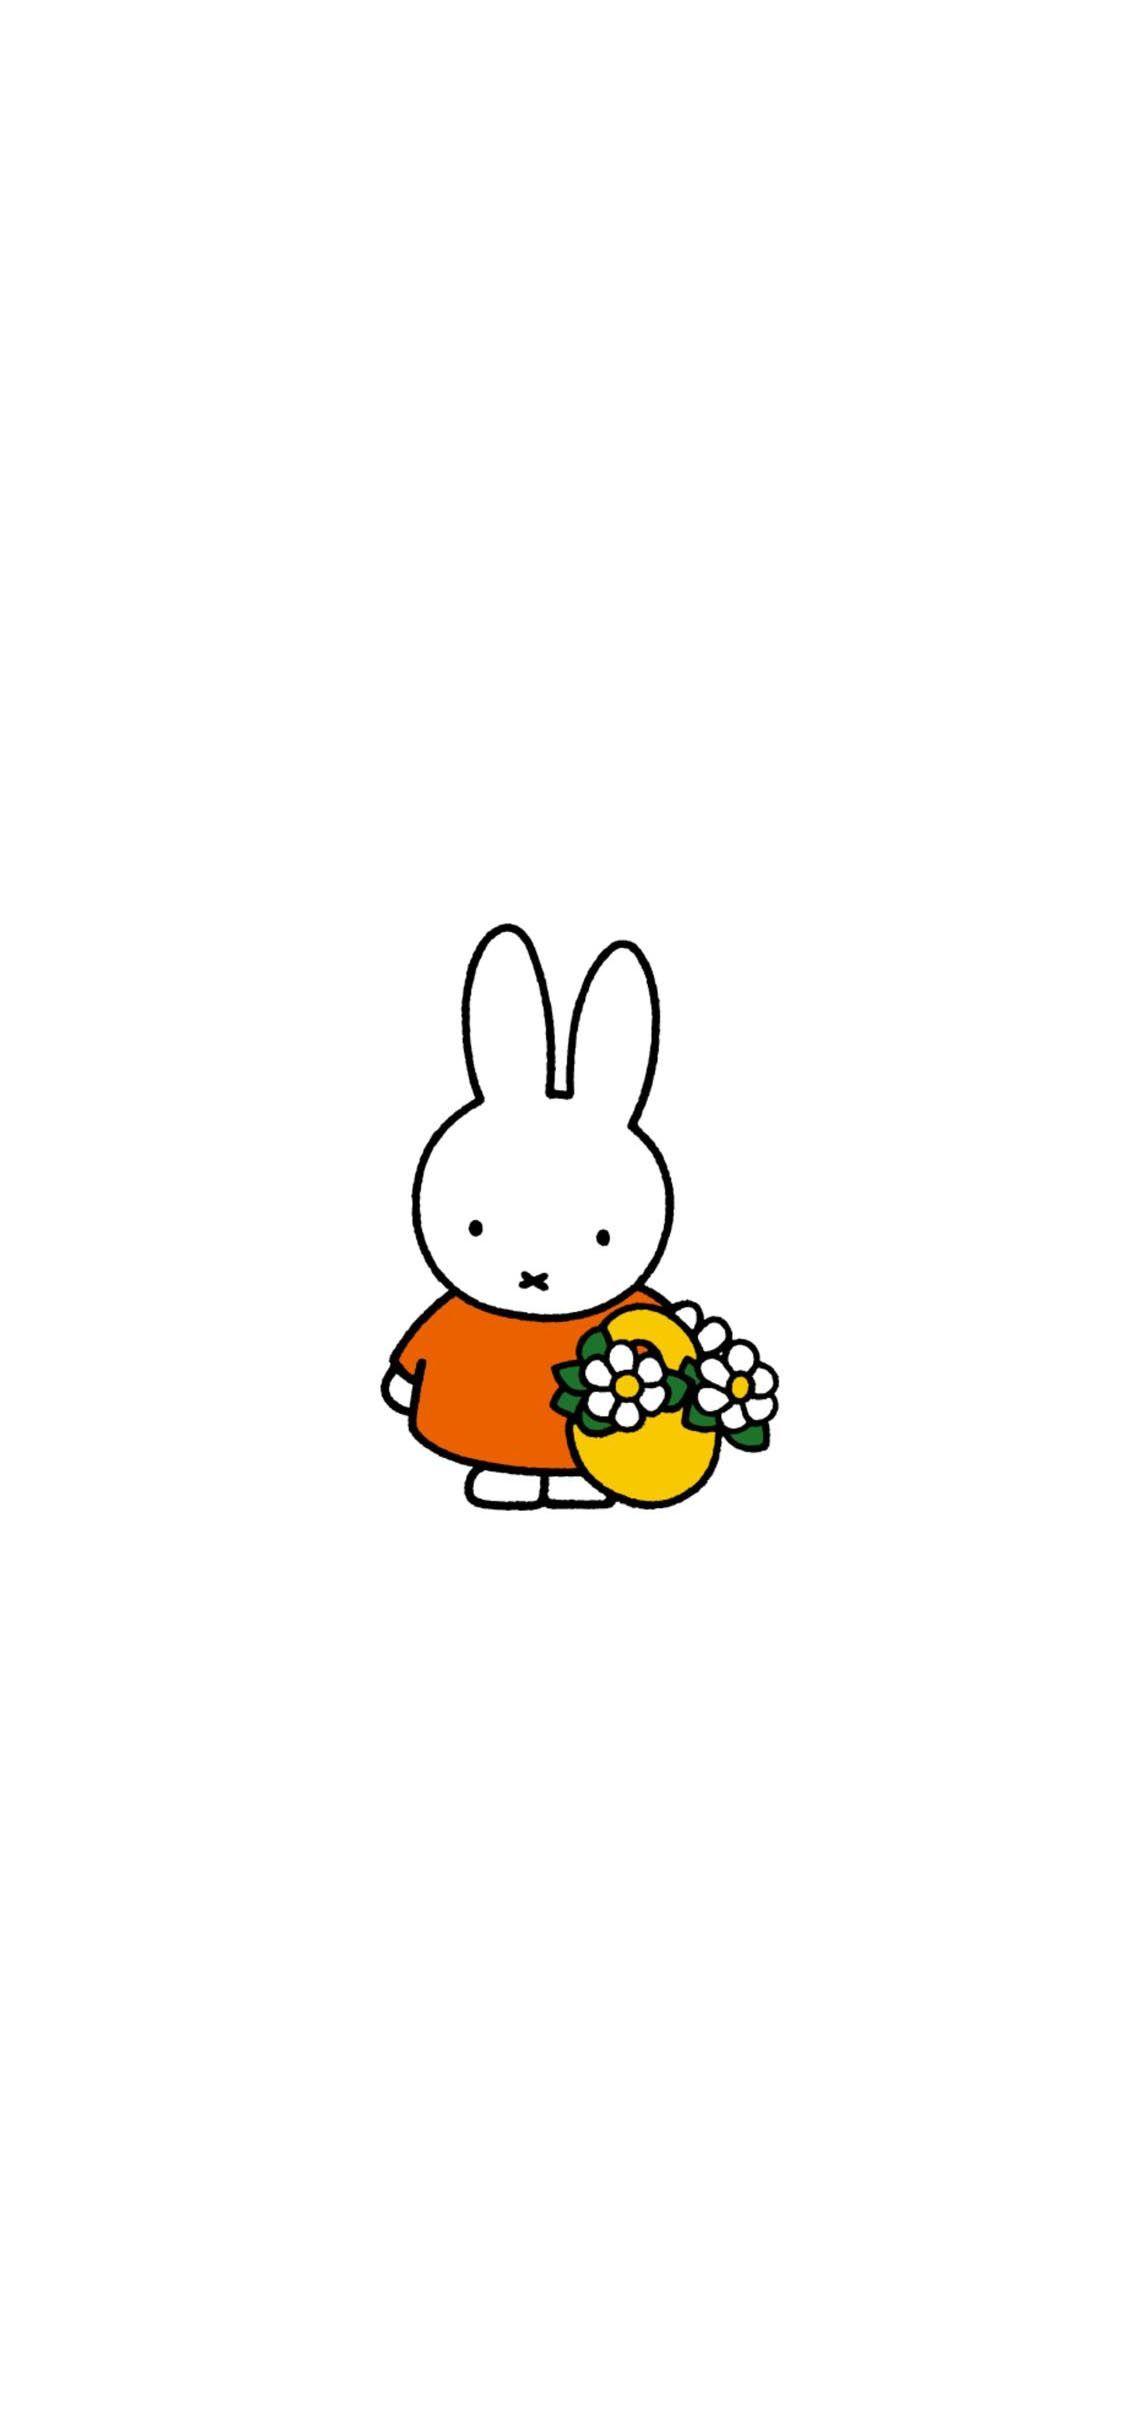 미피 Miffy 아이폰 배경화면 모음 Miki Miffy Backgrounds